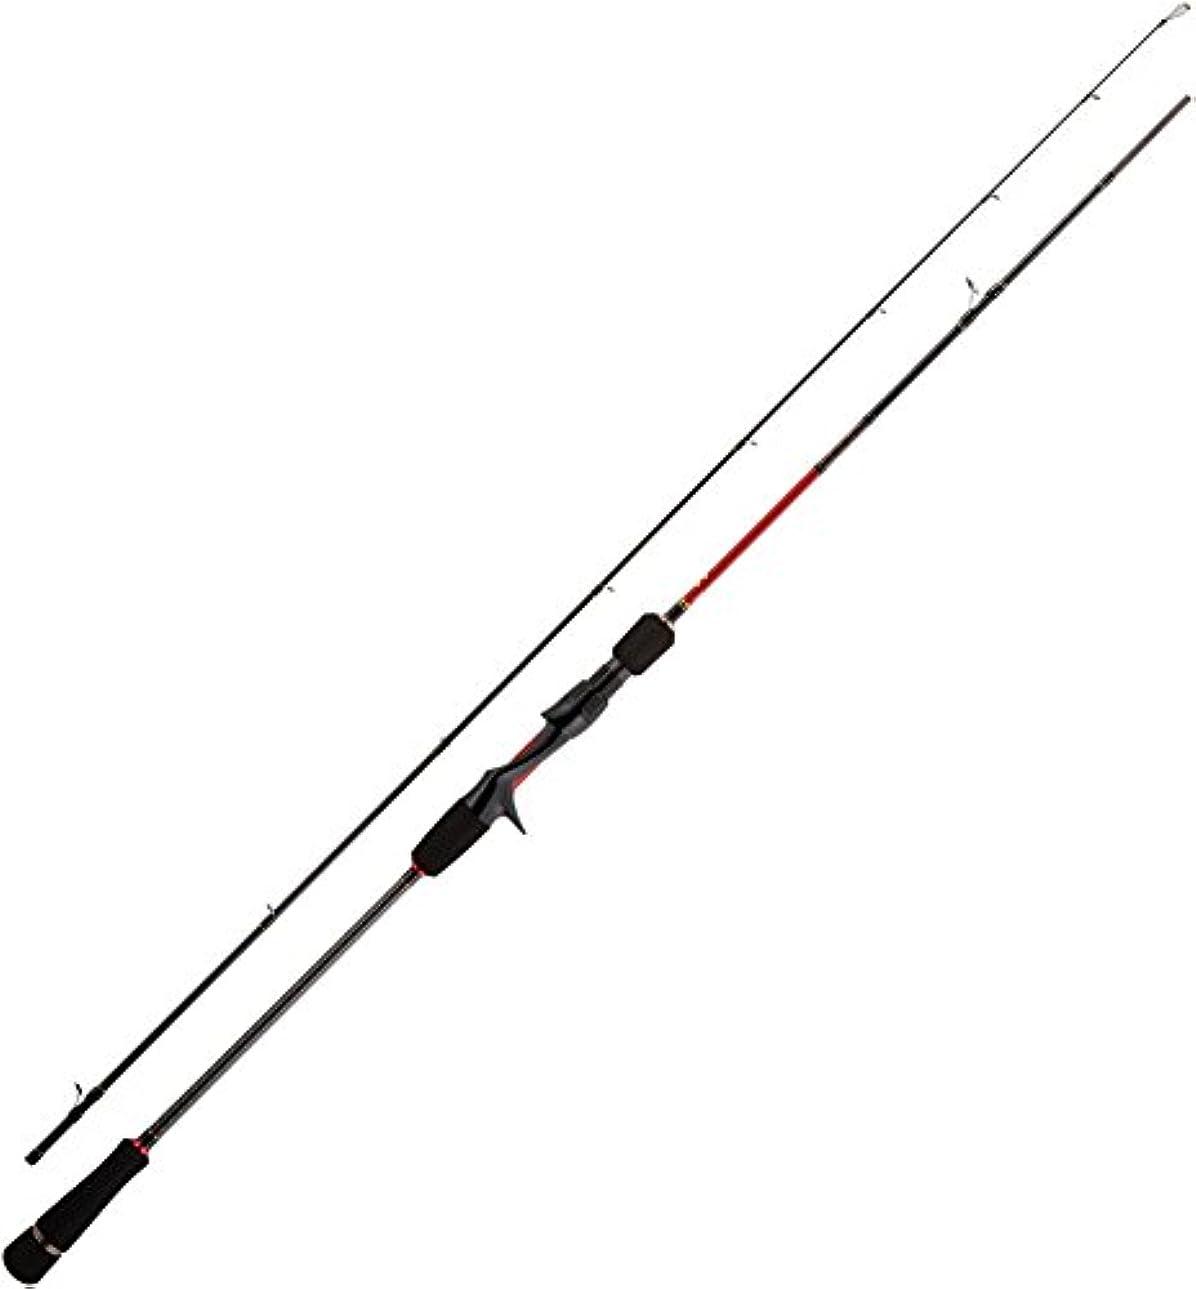 発揮する男やもめただやるメジャークラフト タイラバロッド ベイト 3代目 クロステージ 鯛ラバ 2ピース CRXJ-B692MLTR/DTR 6.9フィート 釣り竿